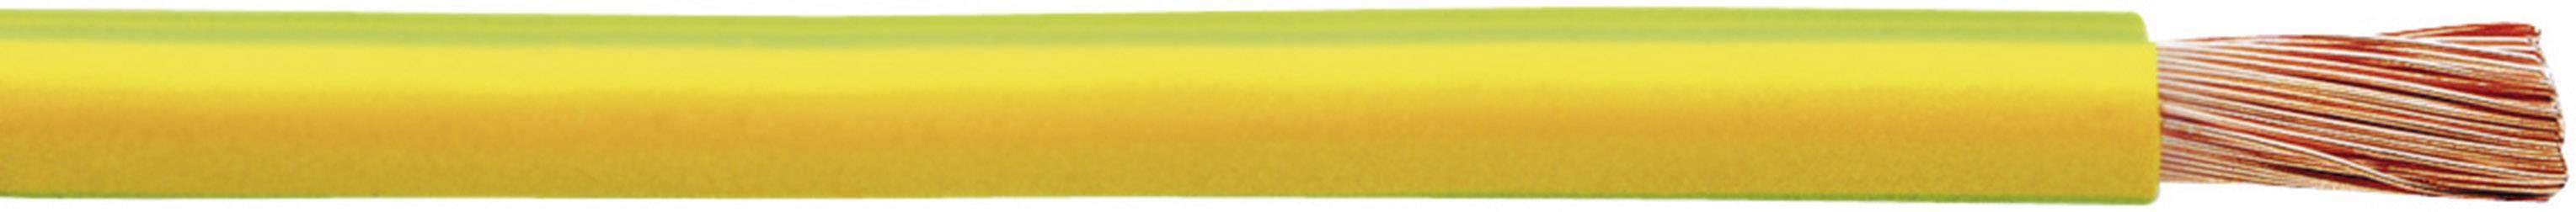 Opletenie / lanko Faber Kabel 040195 H07V-K, 1 x 1.50 mm², vonkajší Ø 2.80 mm, 100 m, oranžová